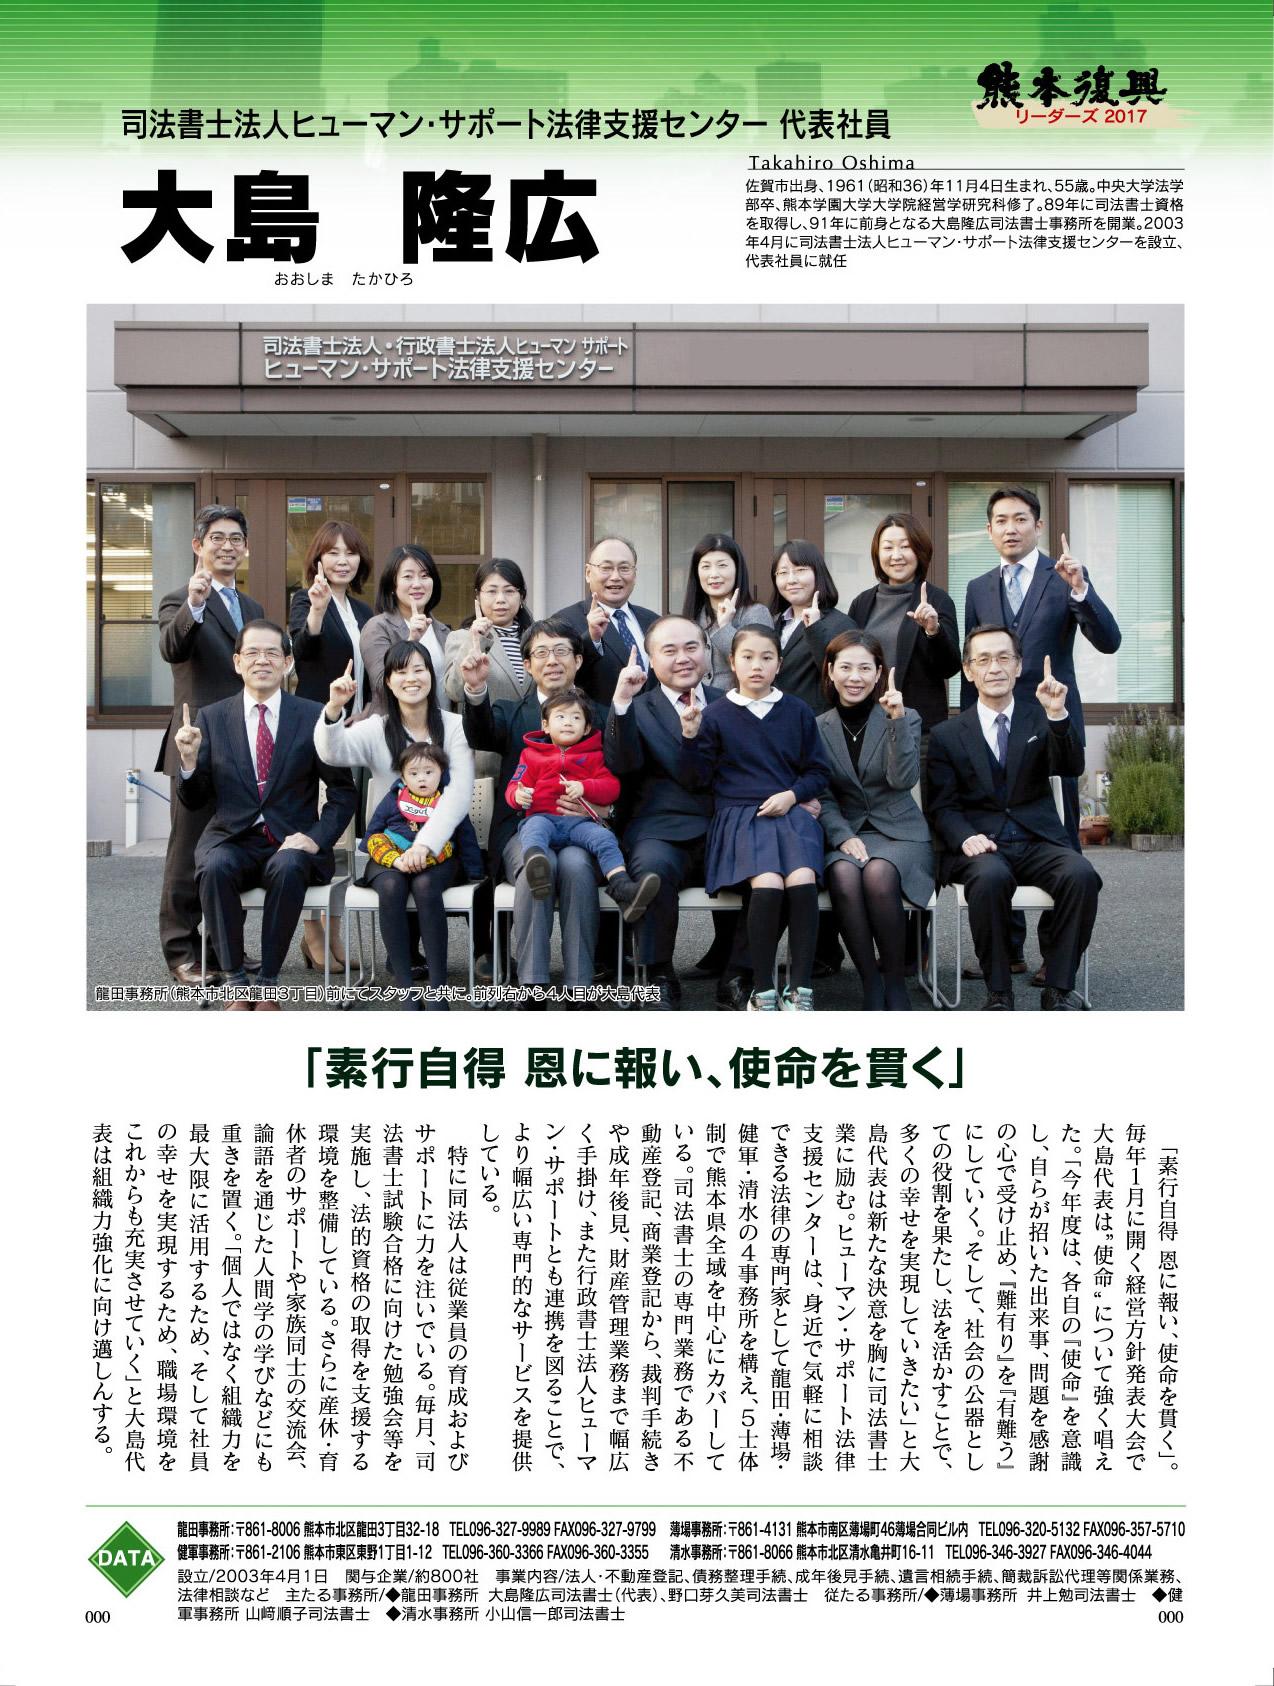 くまもと経済 Leaders2017